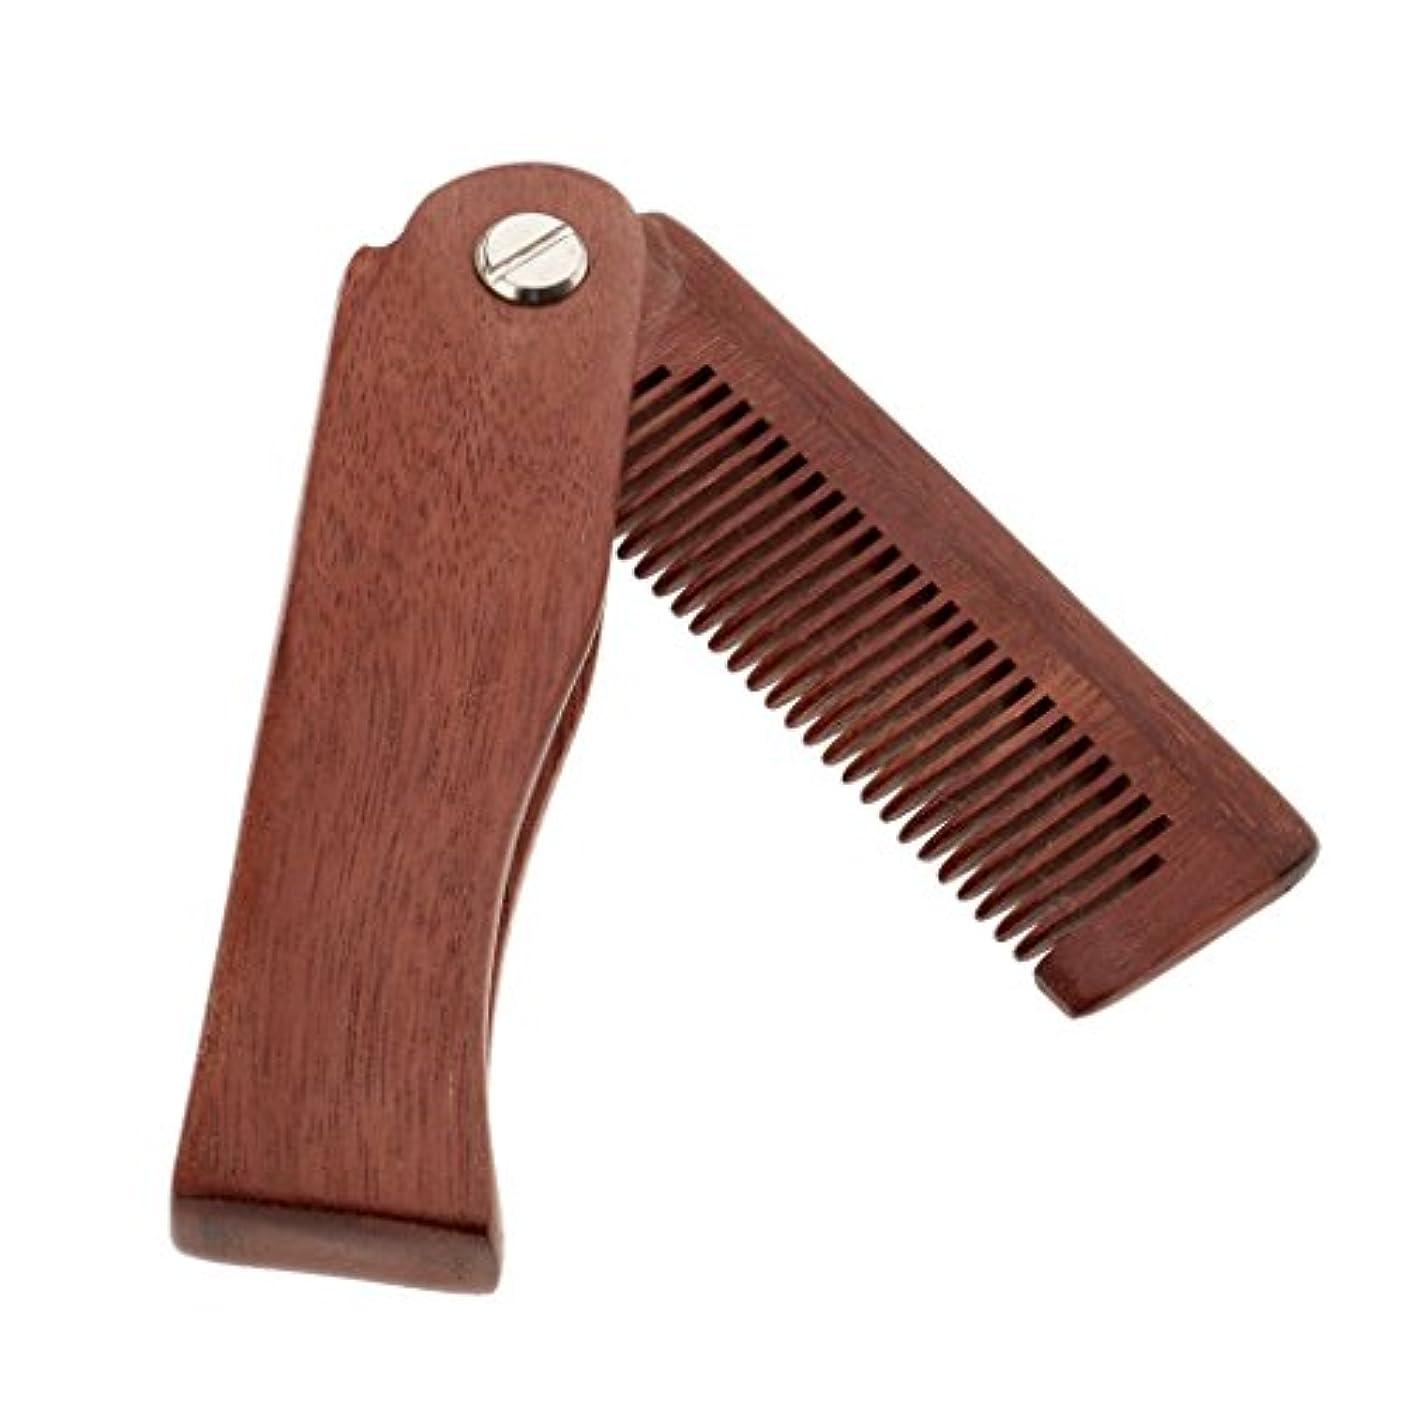 登録するダーリンパットB Blesiya ひげ剃り櫛 コーム 木製櫛 折りたたみ メンズ 毛ひげの櫛